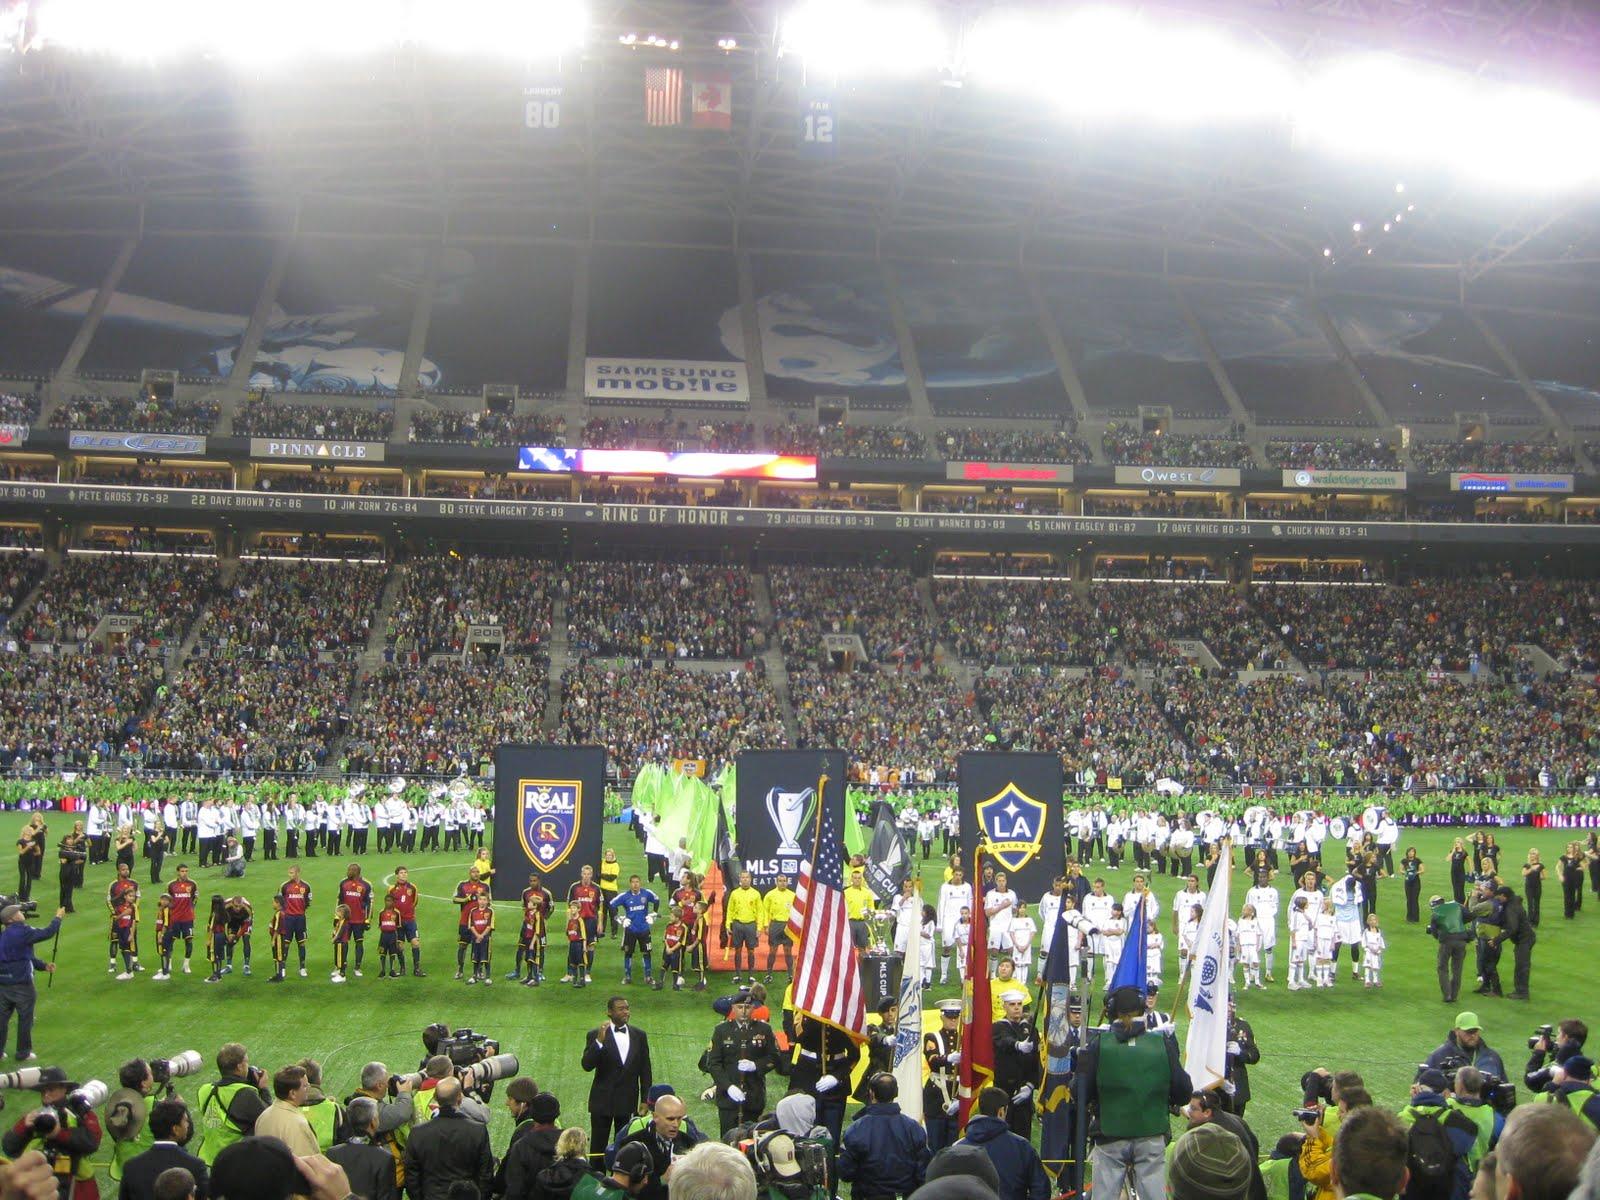 http://4.bp.blogspot.com/_EvNJQbbUrRM/Swx-fxQqSbI/AAAAAAAAAL0/aeWgNEwJp-o/s1600/MLS+Cup+017.jpg